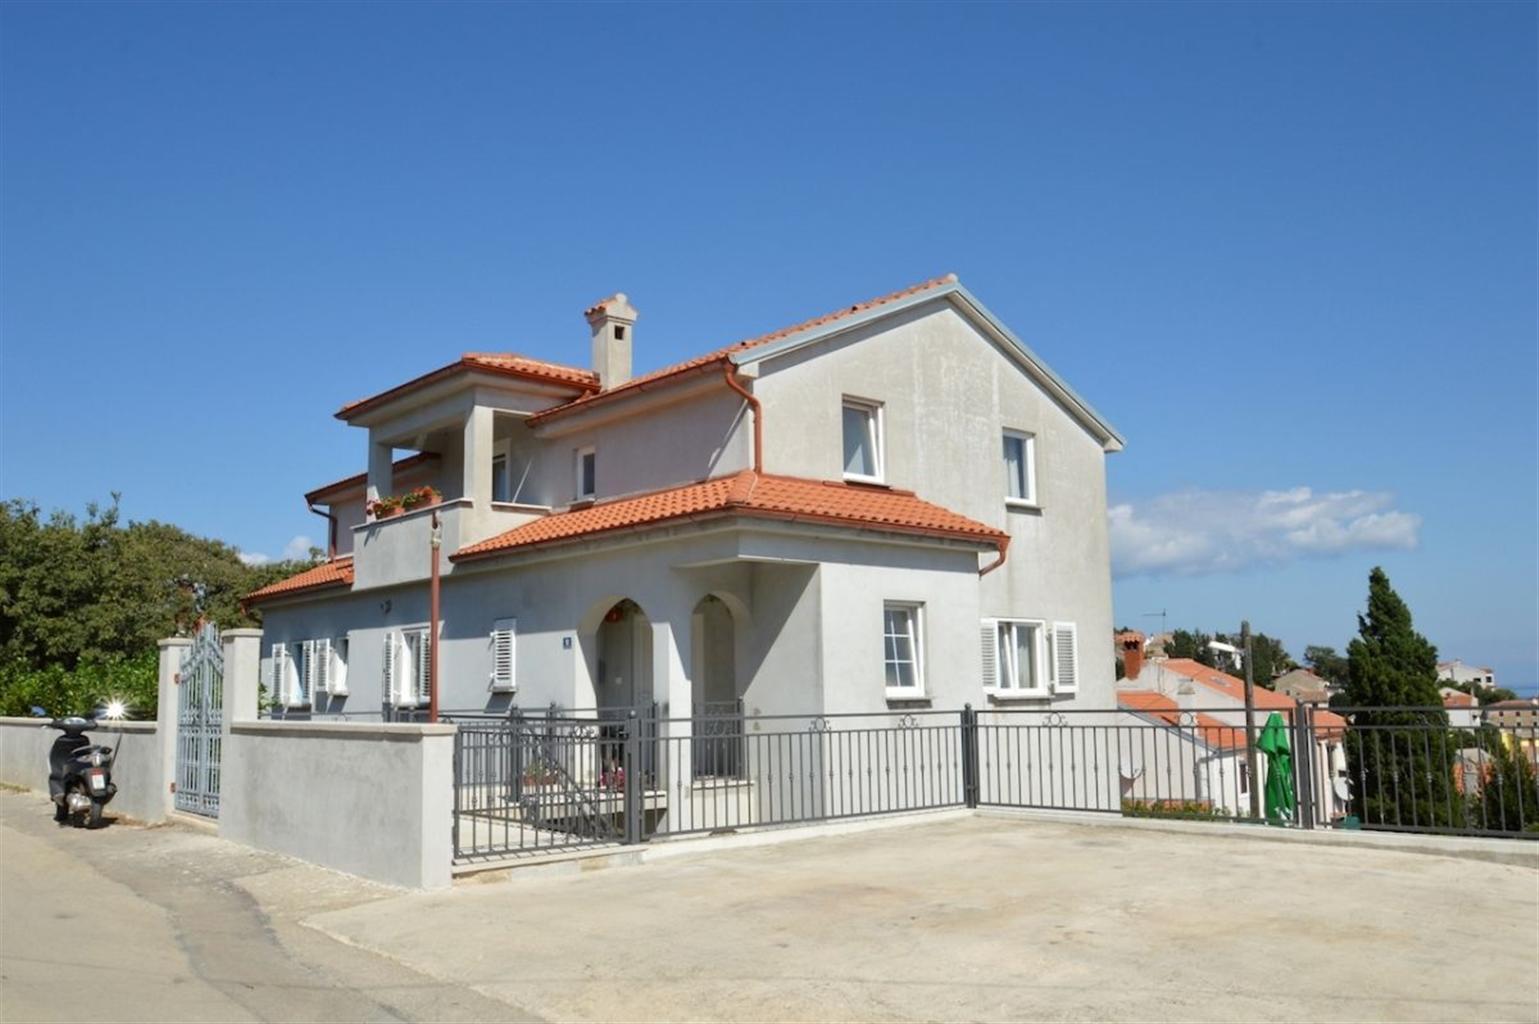 Ferienwohnung Ferienwohnungen Marlen 67031-A2 (1562825), Mali Lošinj, Insel Losinj, Kvarner, Kroatien, Bild 1